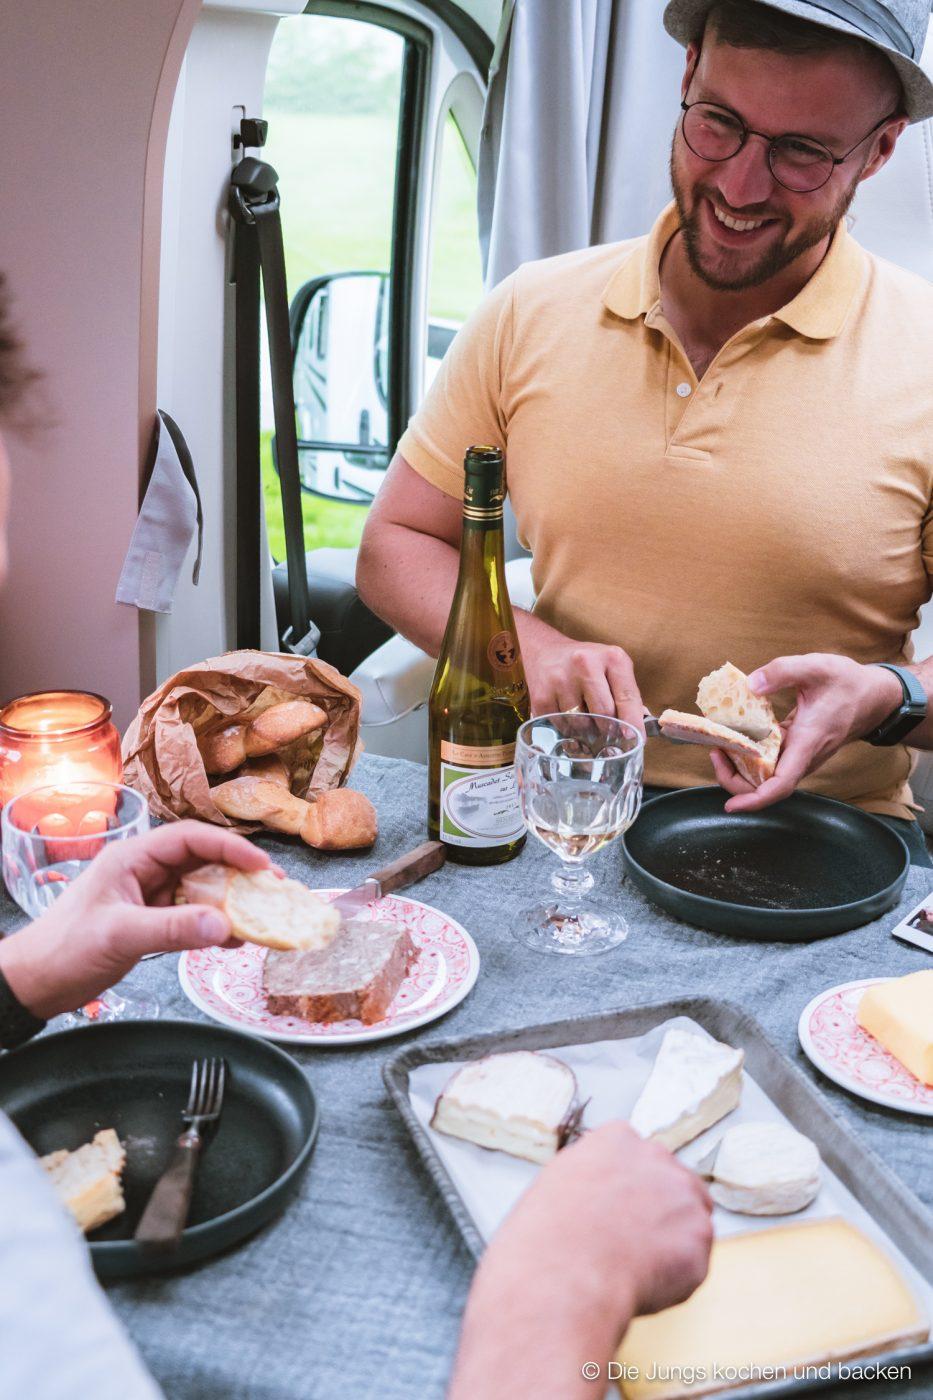 Wohnmobil Etrusco Bretagne 176 | Heute haben wir einen besonderen Reisebericht für euch, denn wir hatten eine absolute Premiere - Reisen mit einem Wohnmobil! 5 Tage lang waren wir unterwegs und unser Ziel war die wunderschöne Smaragdküste in der Bretagne. Hier haben wir es uns kulinarisch richtig gut gehen lassen, tolle Eindrücke gesammelt und vor allem unser schickes Gefährt  von Etrusco ausgiebig testen können. So viel sei verraten ... wir sind extrem angetan von einem Urlaub mit dem Wohnmobil und planen schon die nächste Wohnmobil-Tour.